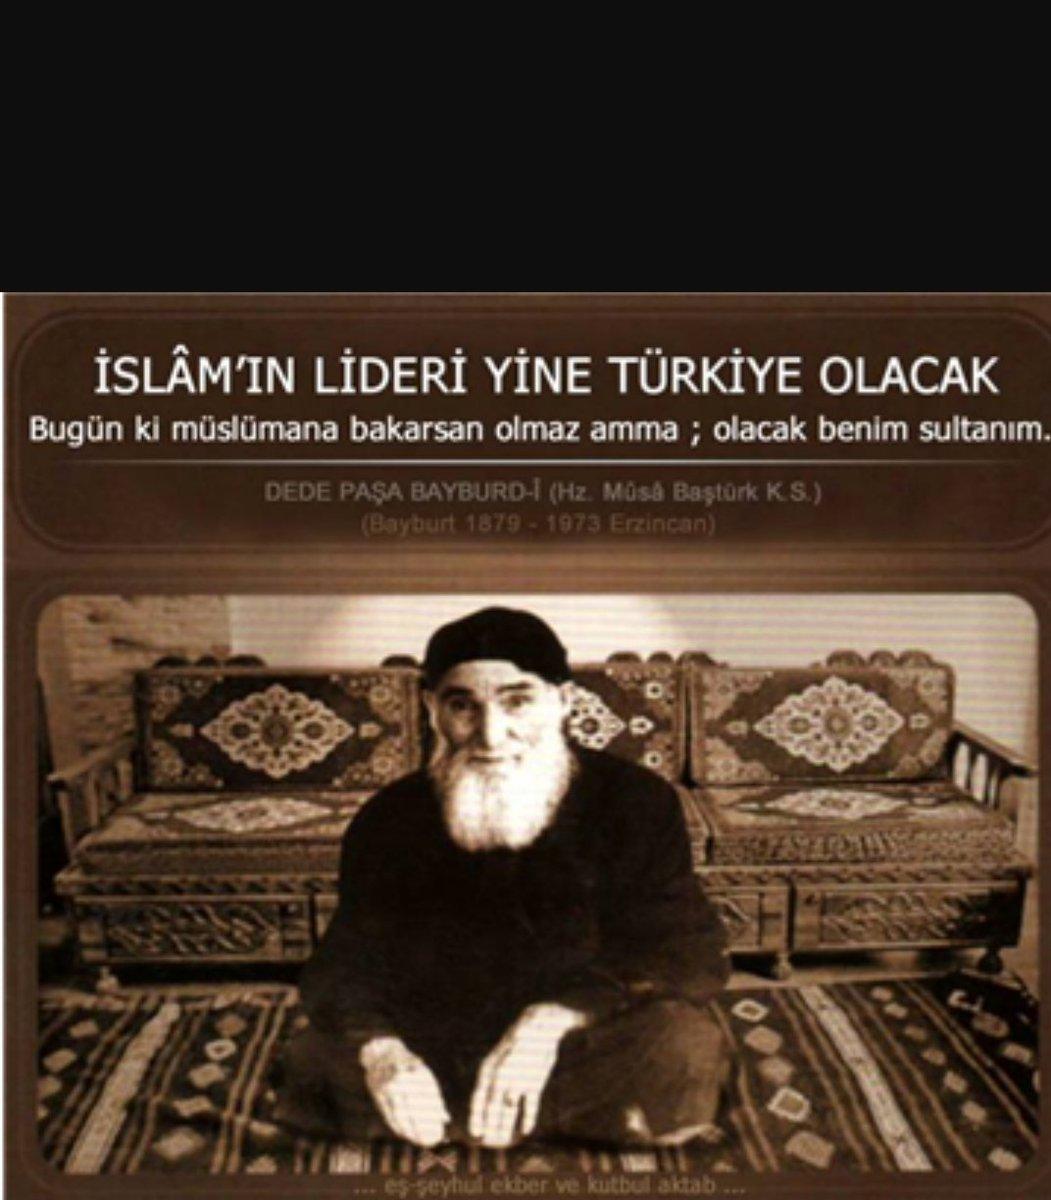 """Evliyâullâh'dan Merhum Dede Paşa (Mûsâ Baştürk) Hz.leri👇  """"İslâm âleminin reisi Türkiye'dir ve Türkiye olacaktır!"""" 🇹🇷"""